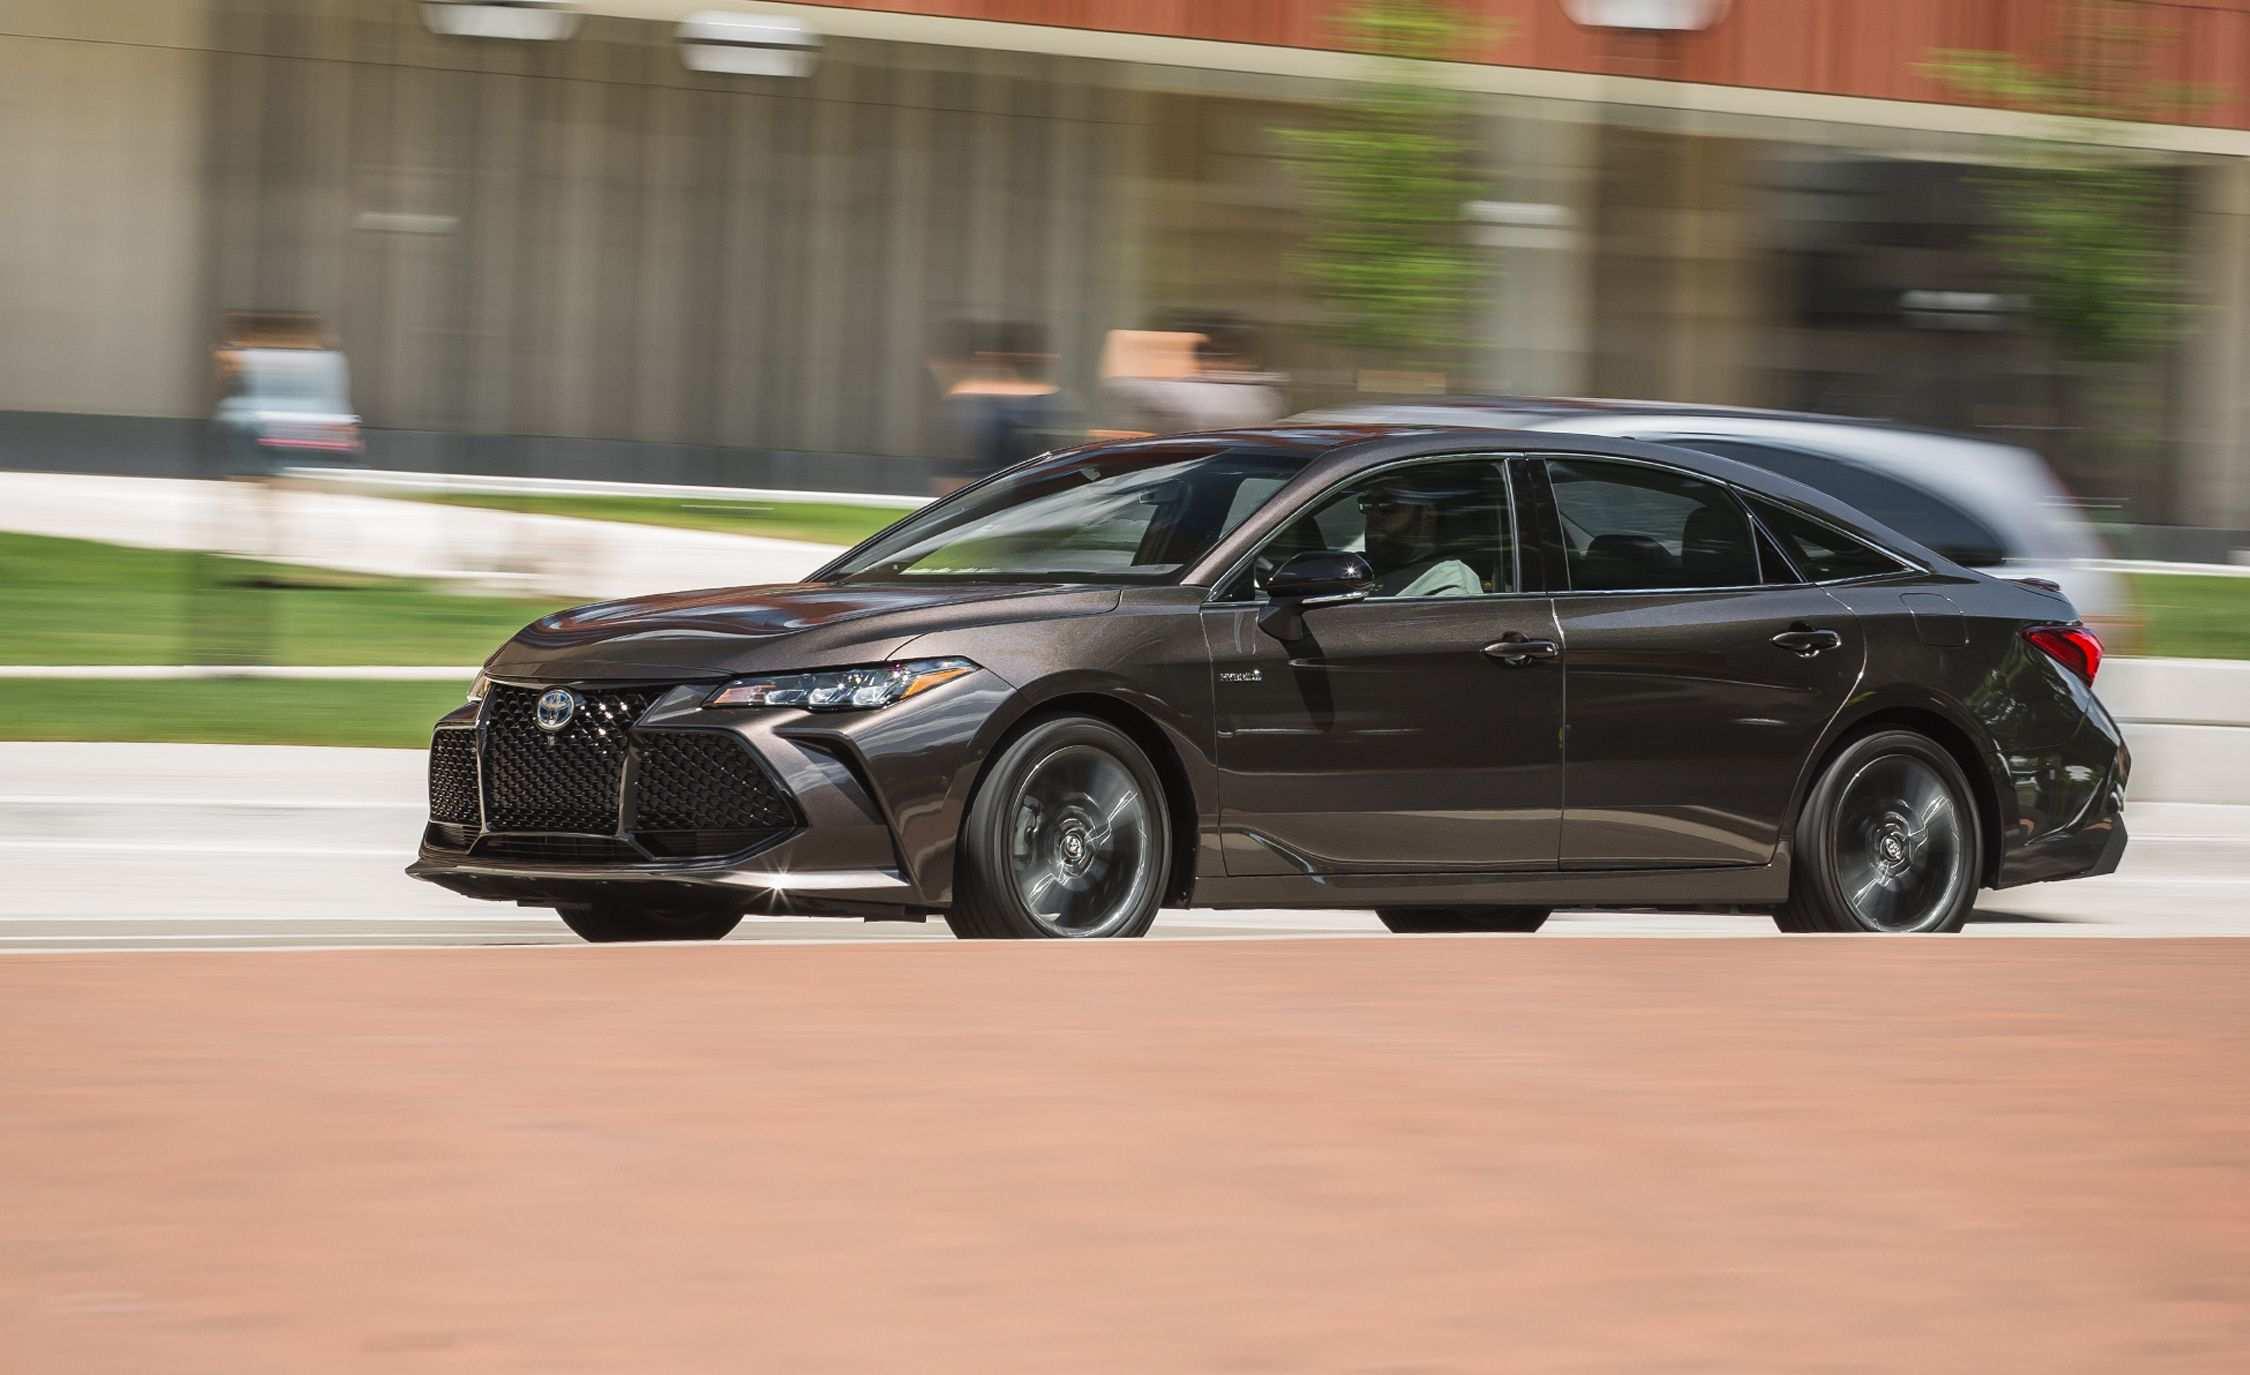 92 All New 2020 Toyota Avalon Hybrid History for 2020 Toyota Avalon Hybrid